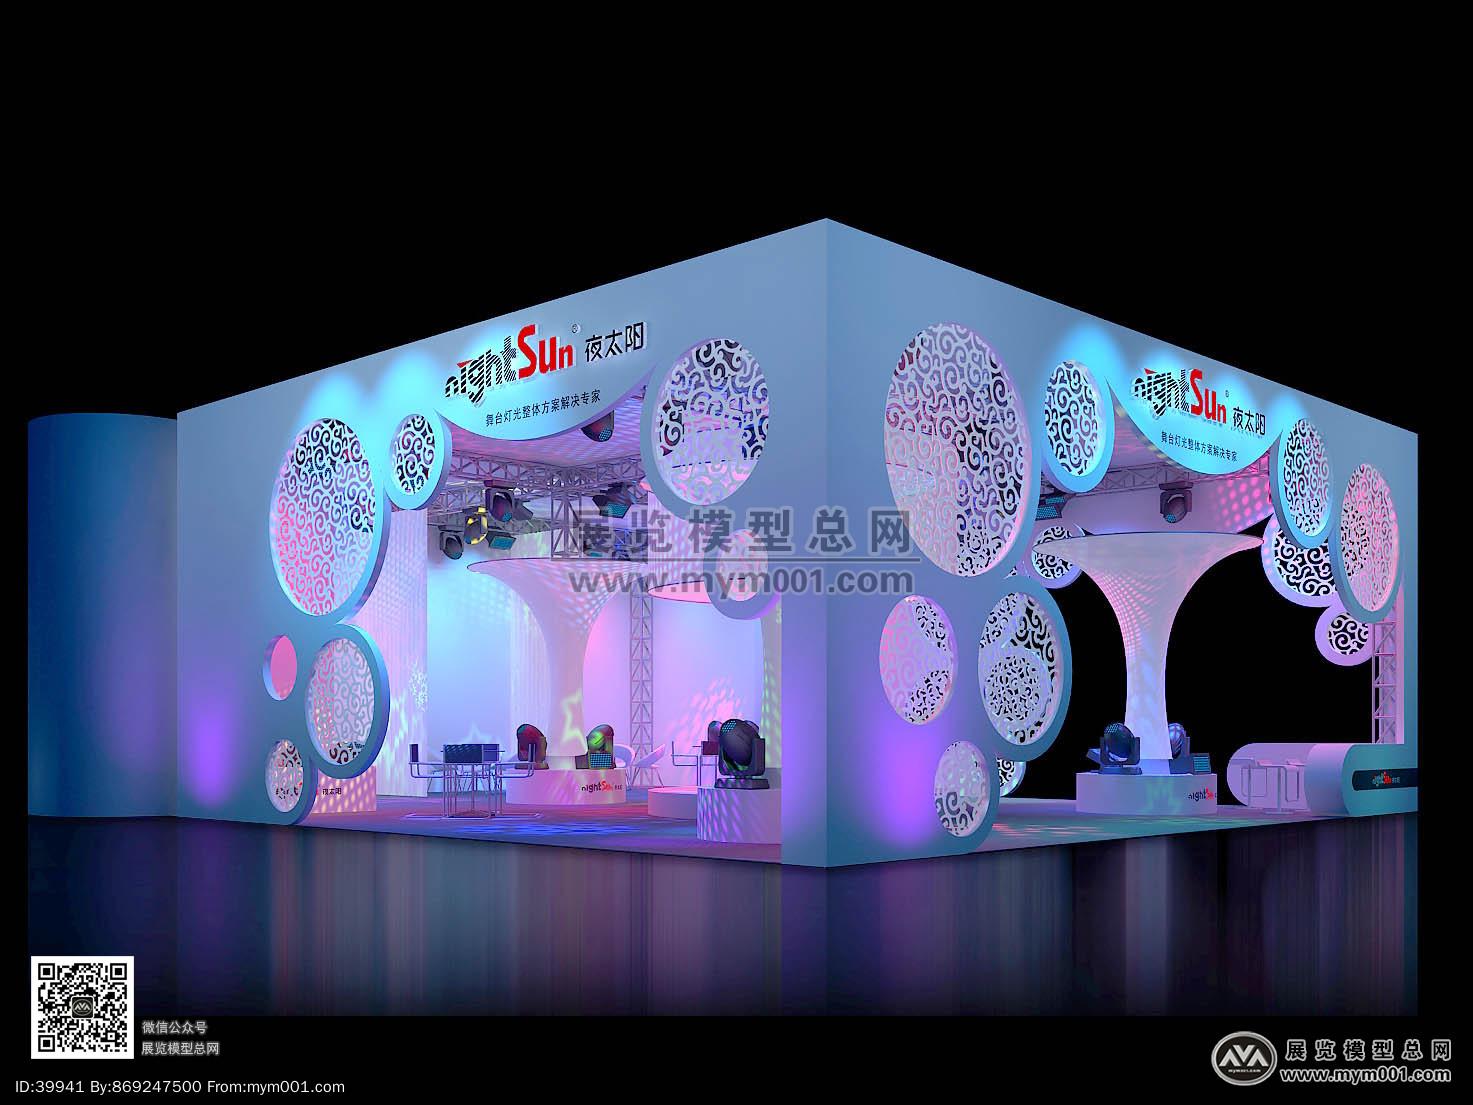 夜太阳展览模型